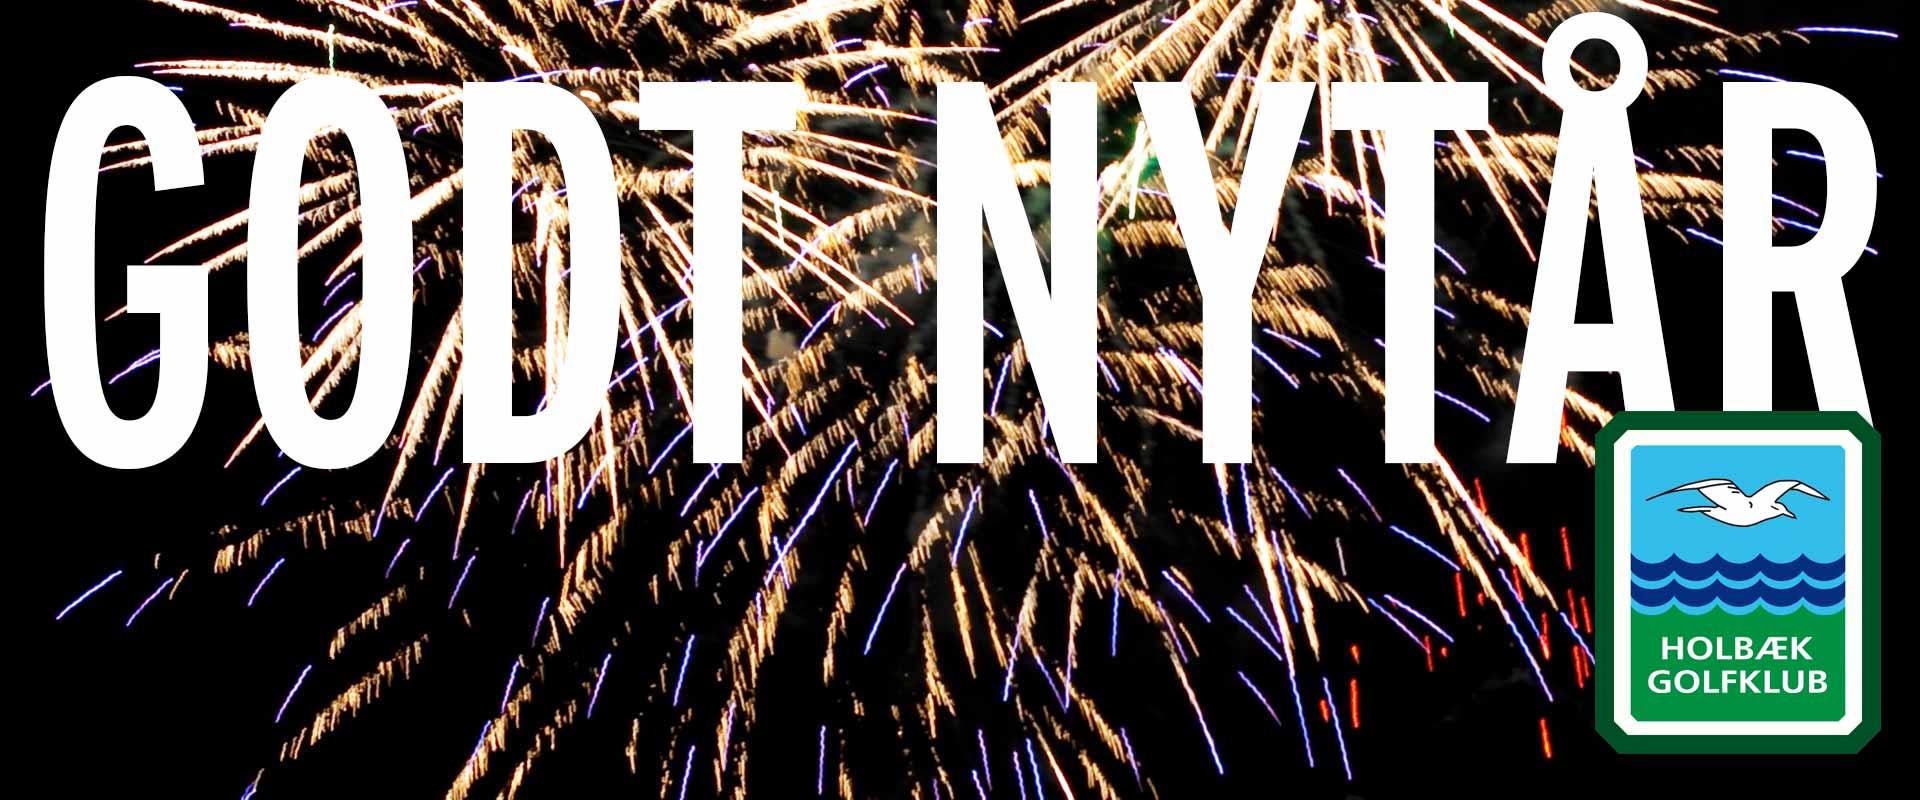 godt-nytår